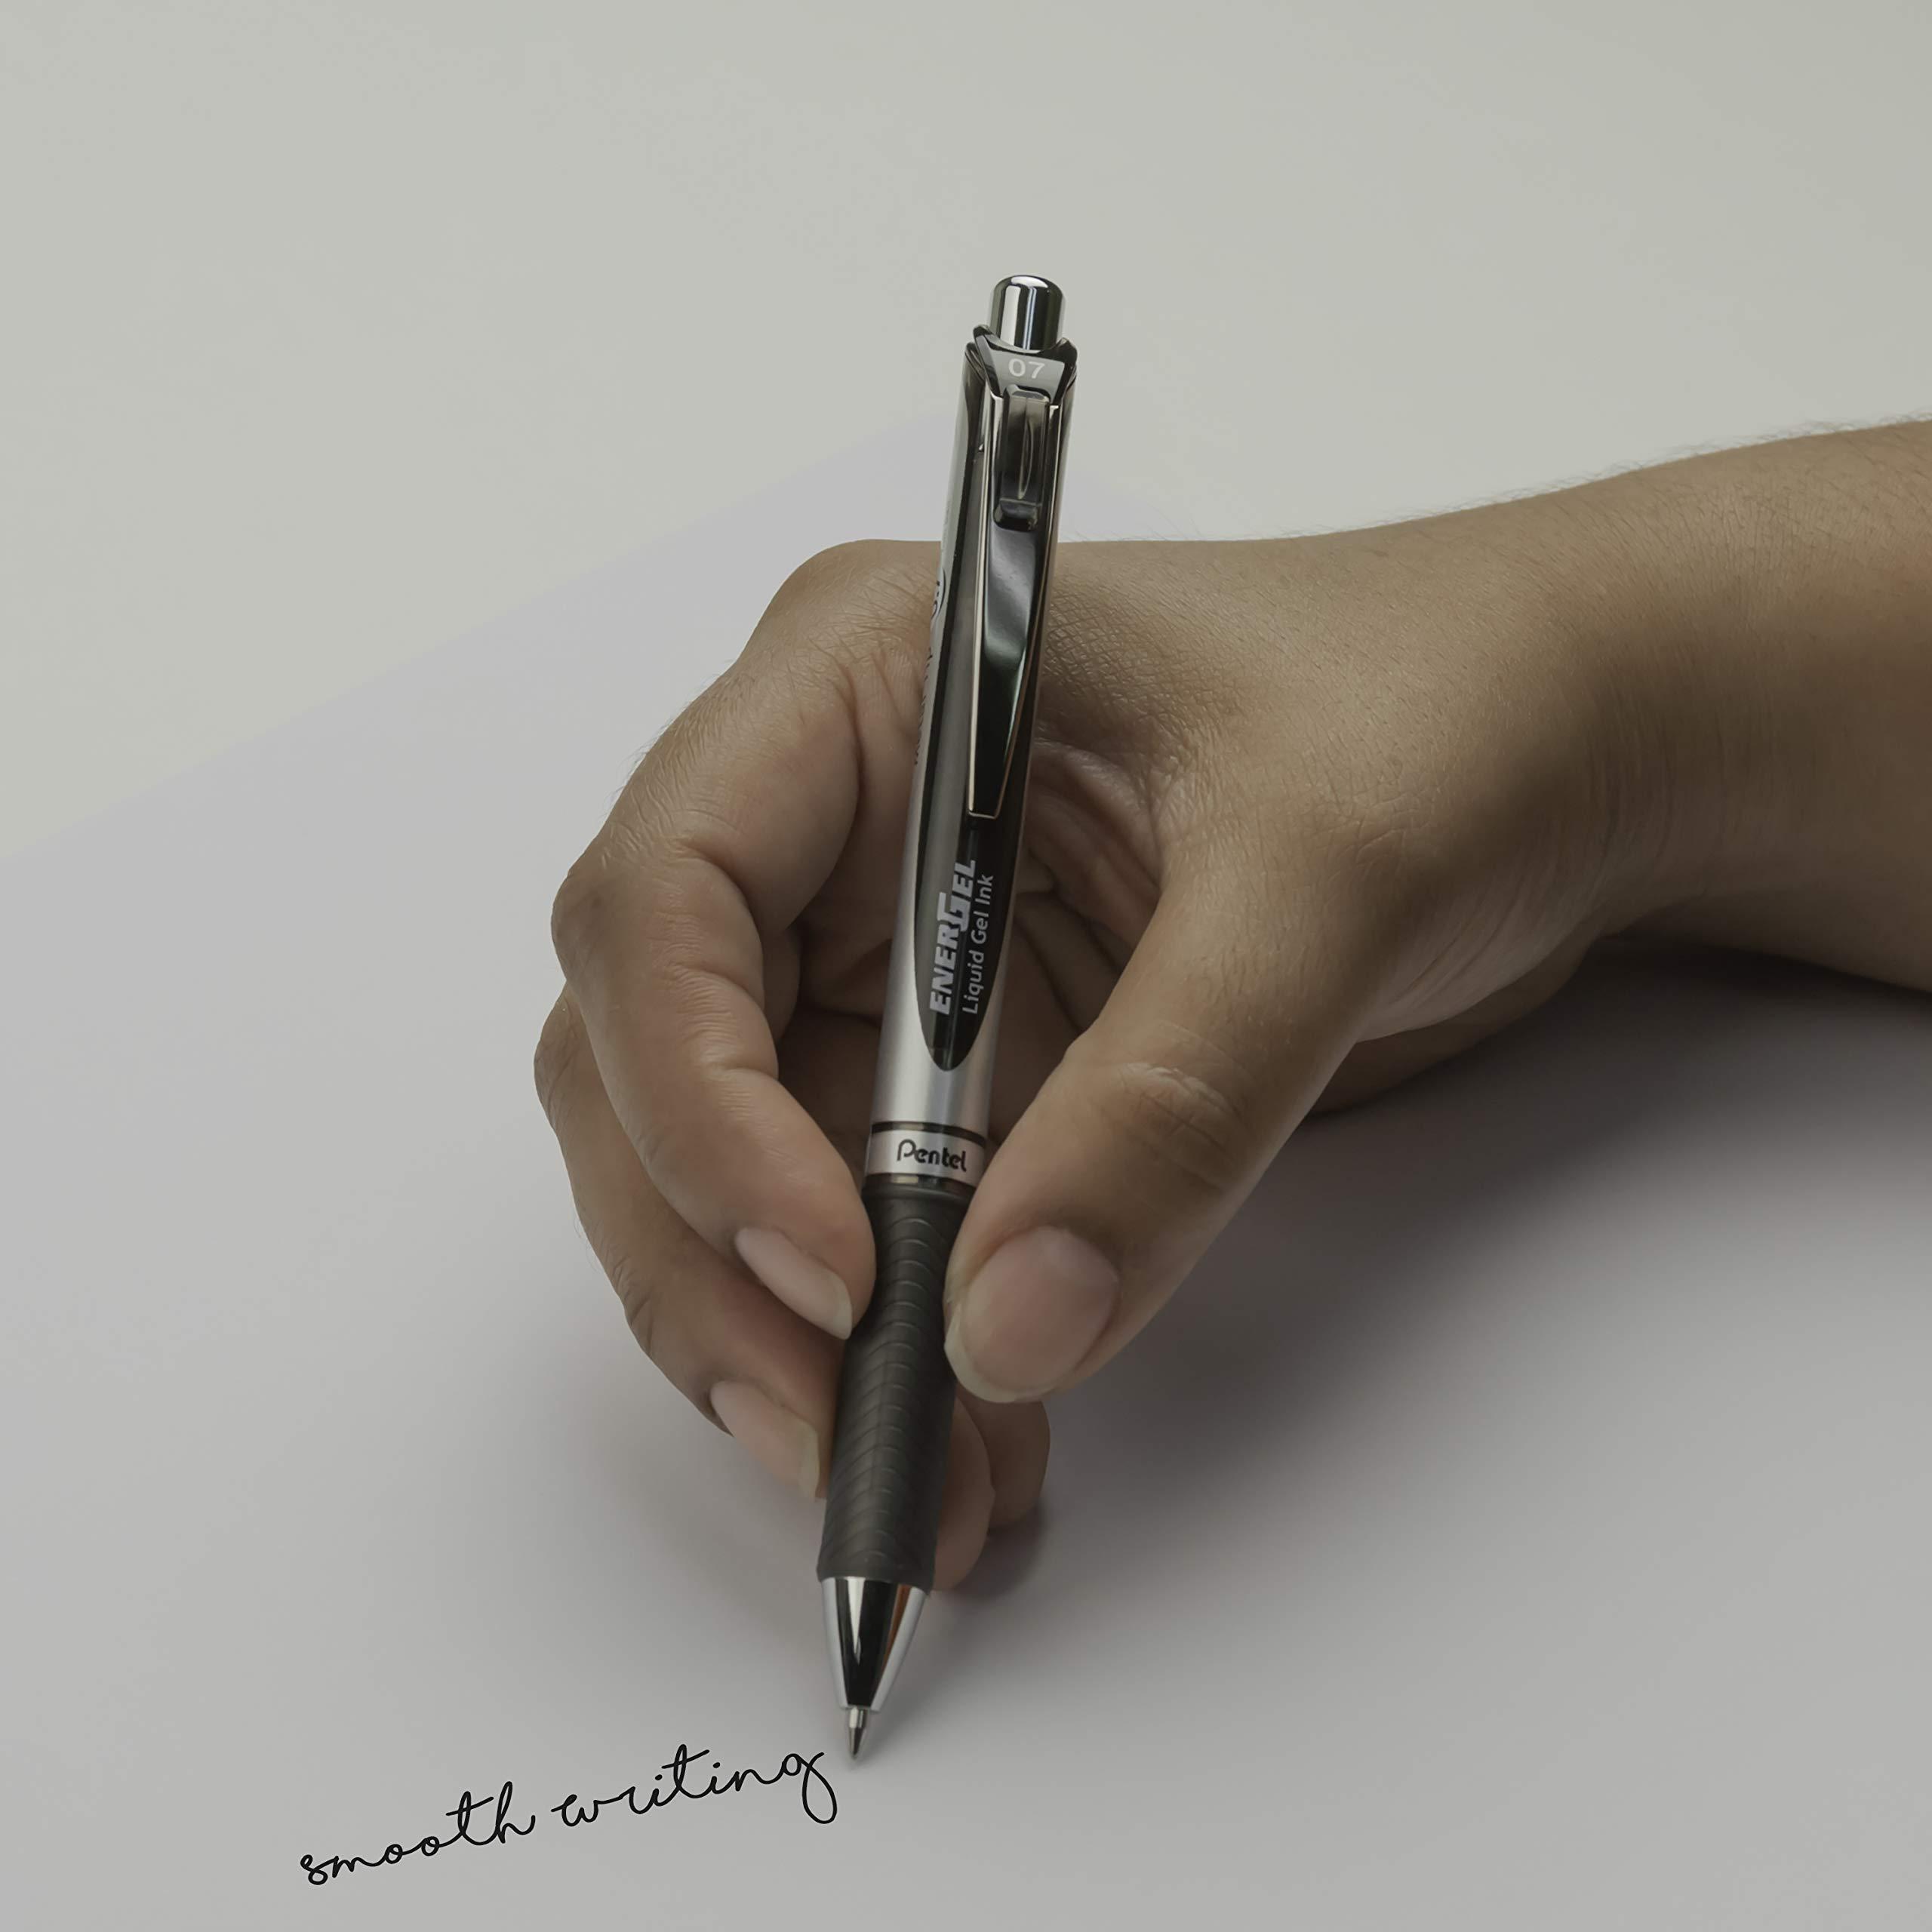 Pentel EnerGel Deluxe RTX Gel Ink Pens, 0.7 Millimeter Metal Tip, Assorted Colors,  6 Pack (BL77BP6M) by Pentel (Image #7)